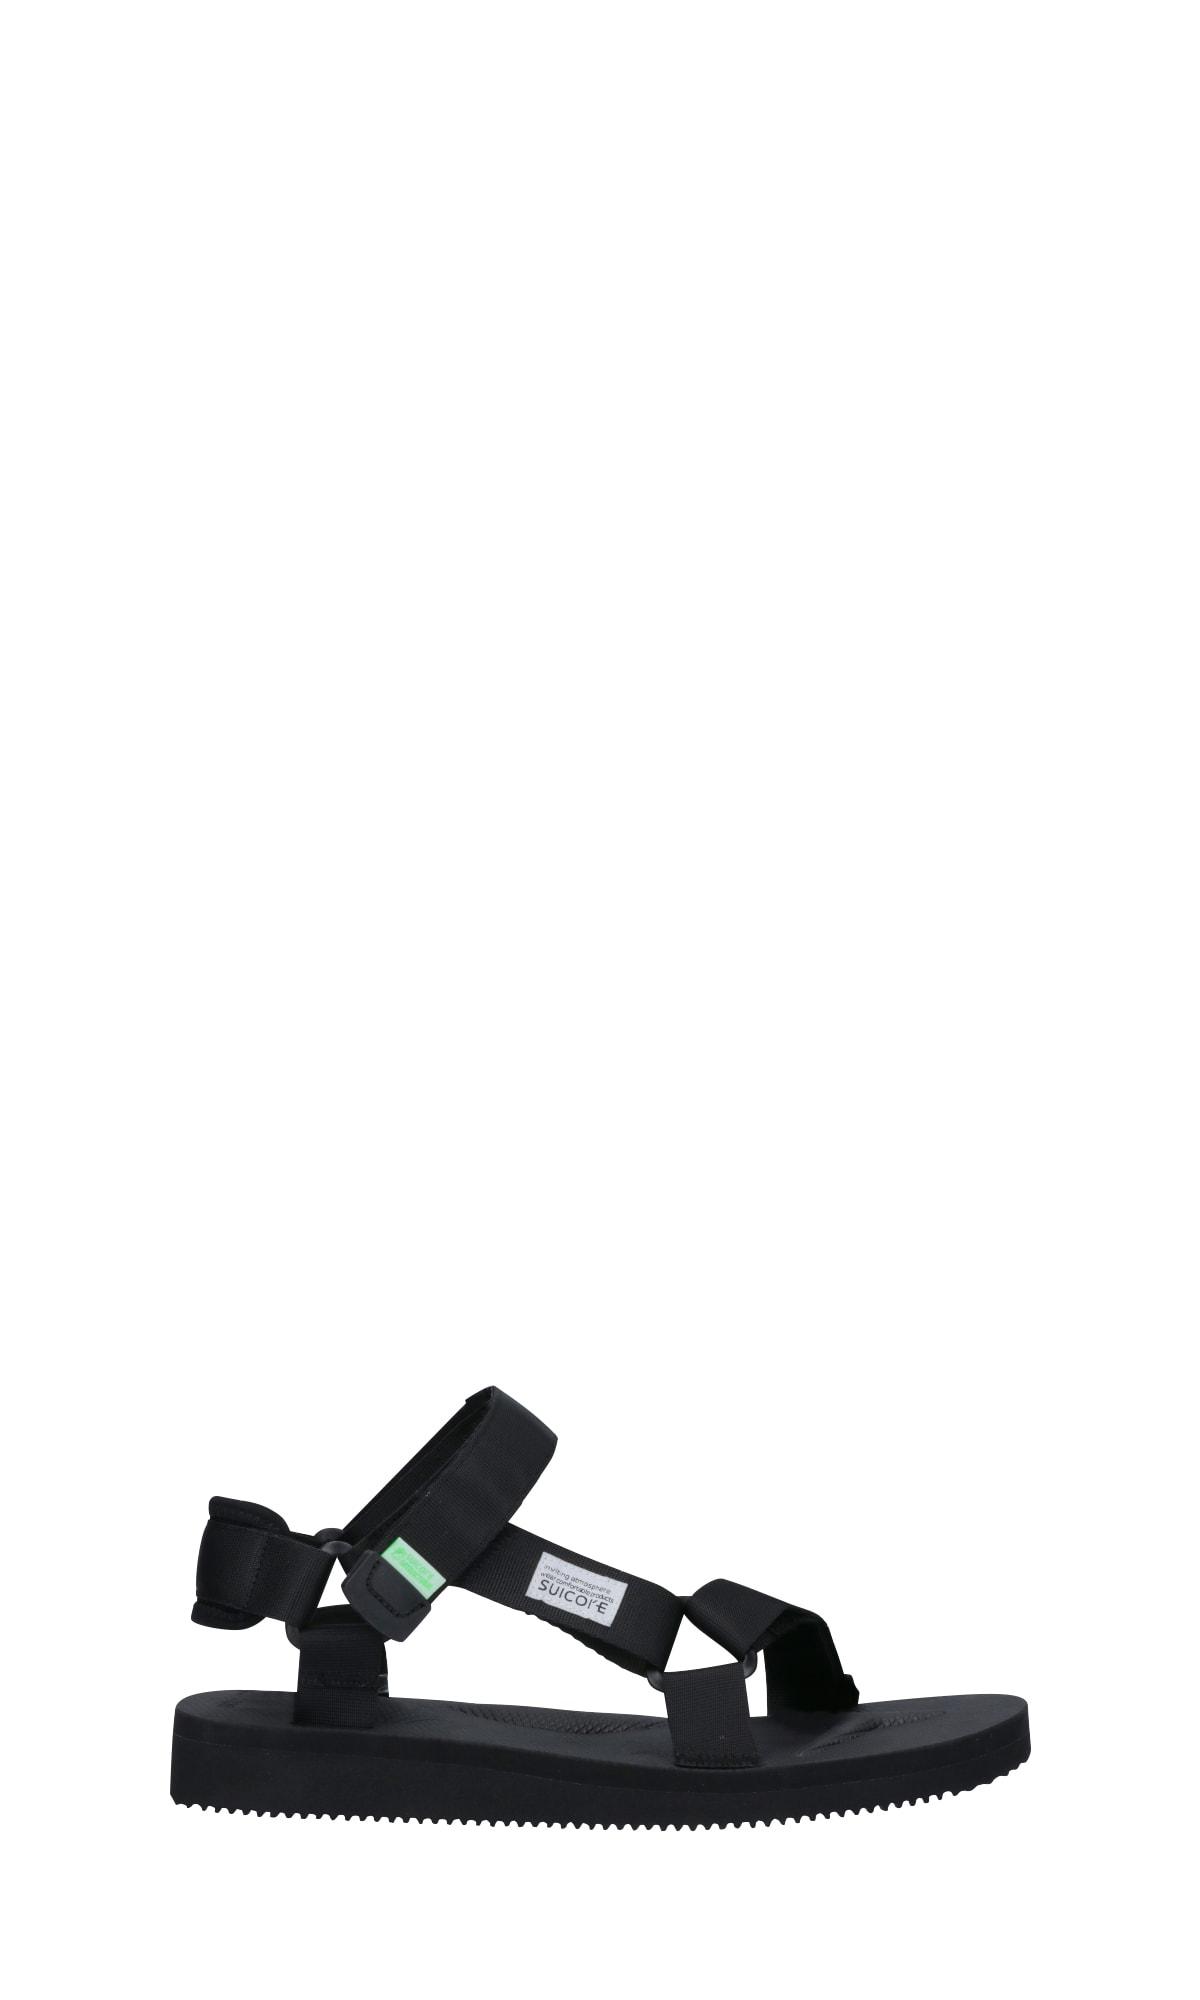 Suicoke Sandals FLAT SHOES